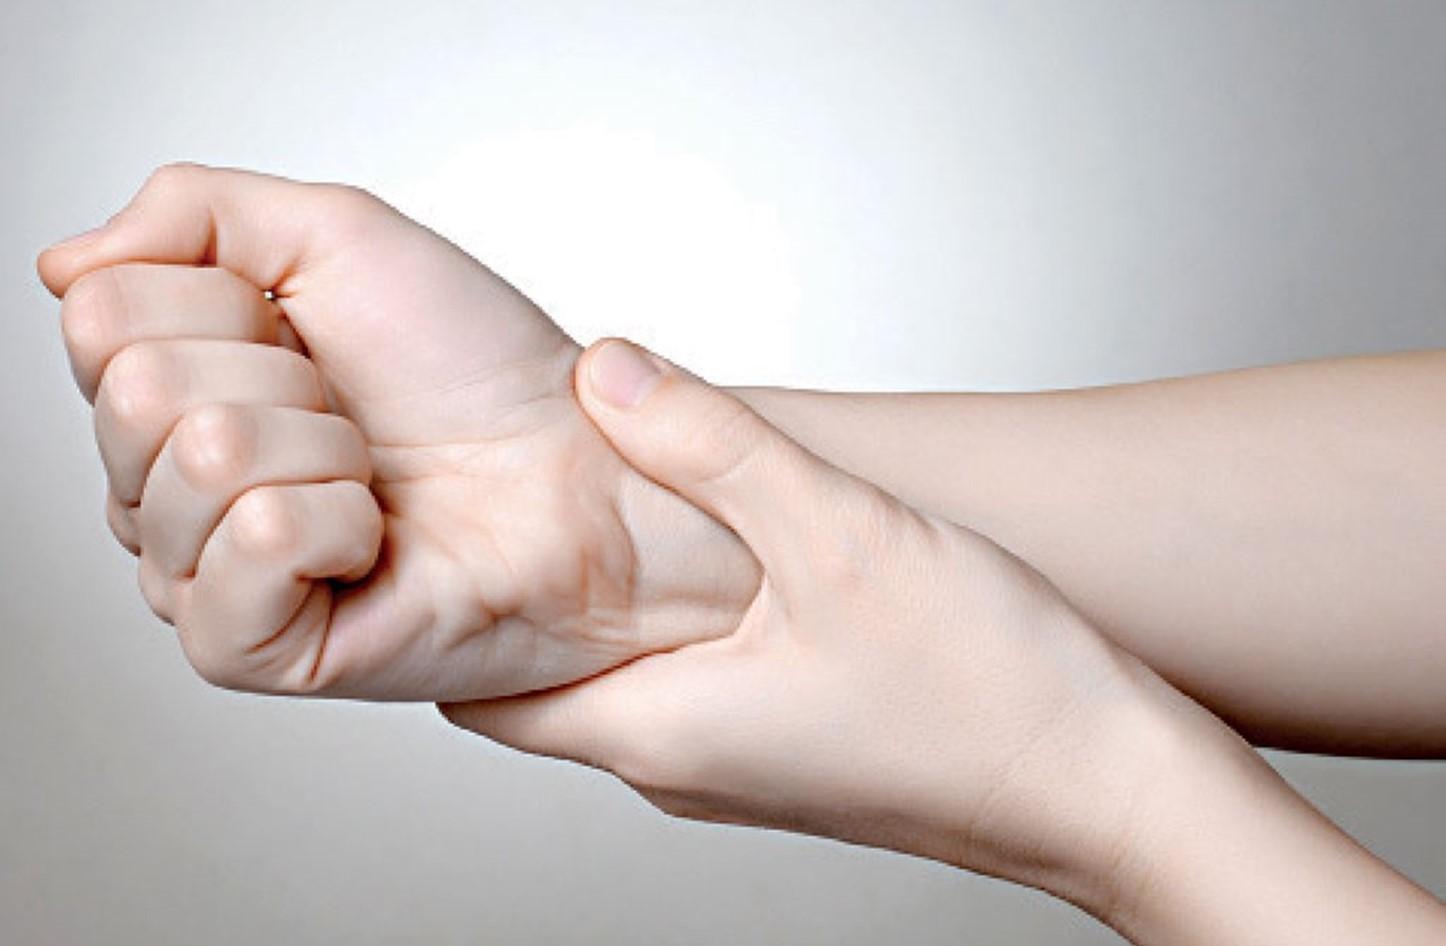 مرض السكر وعلامة في اليدين تشير إلى الإصابة بهذا المرض